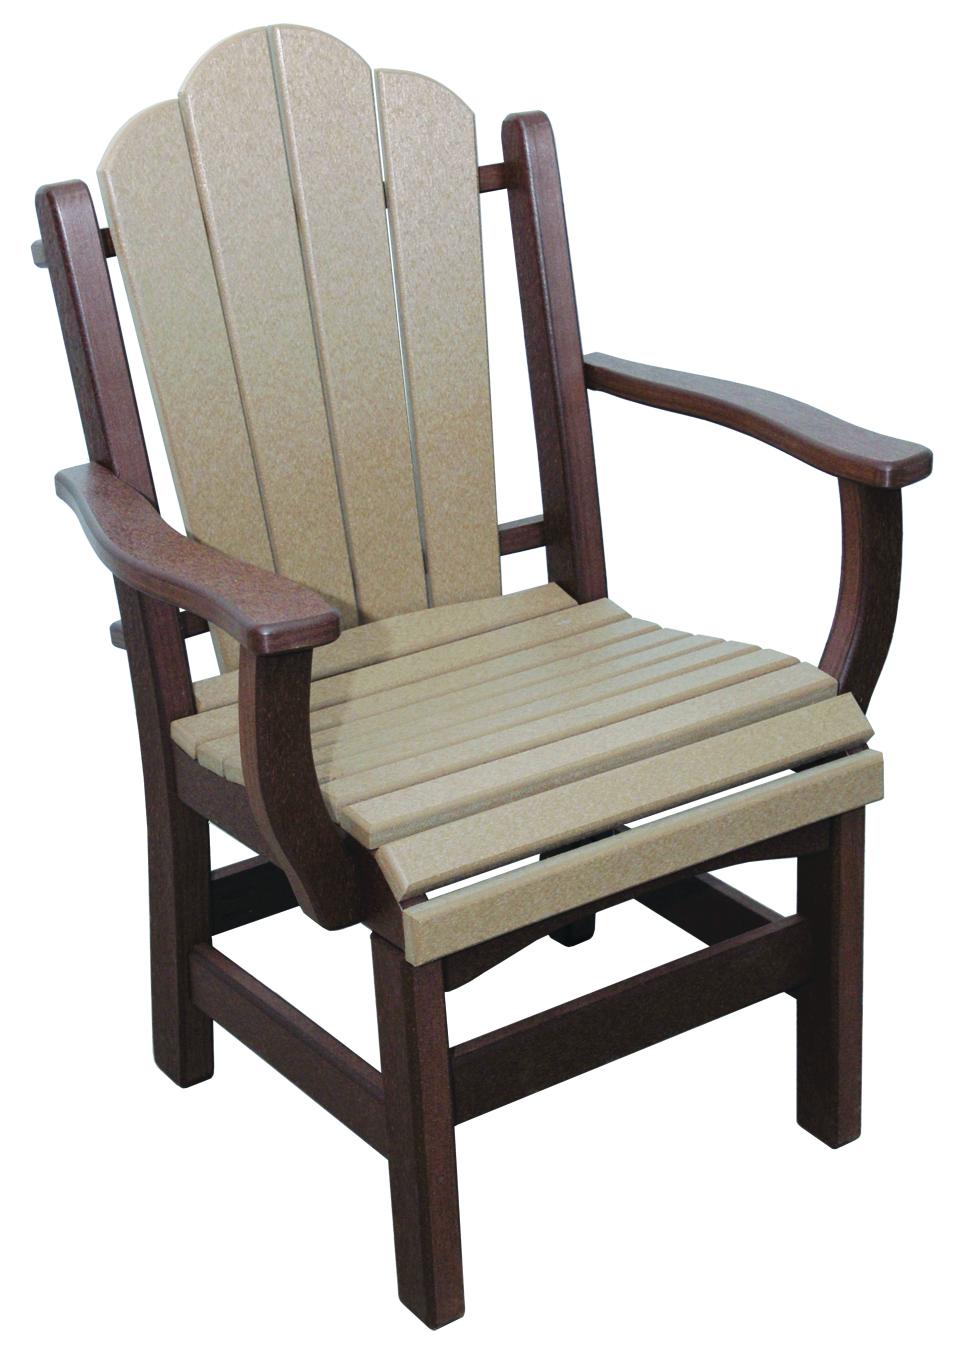 Daisy style outdoor furniture in Hubbard, Ohio